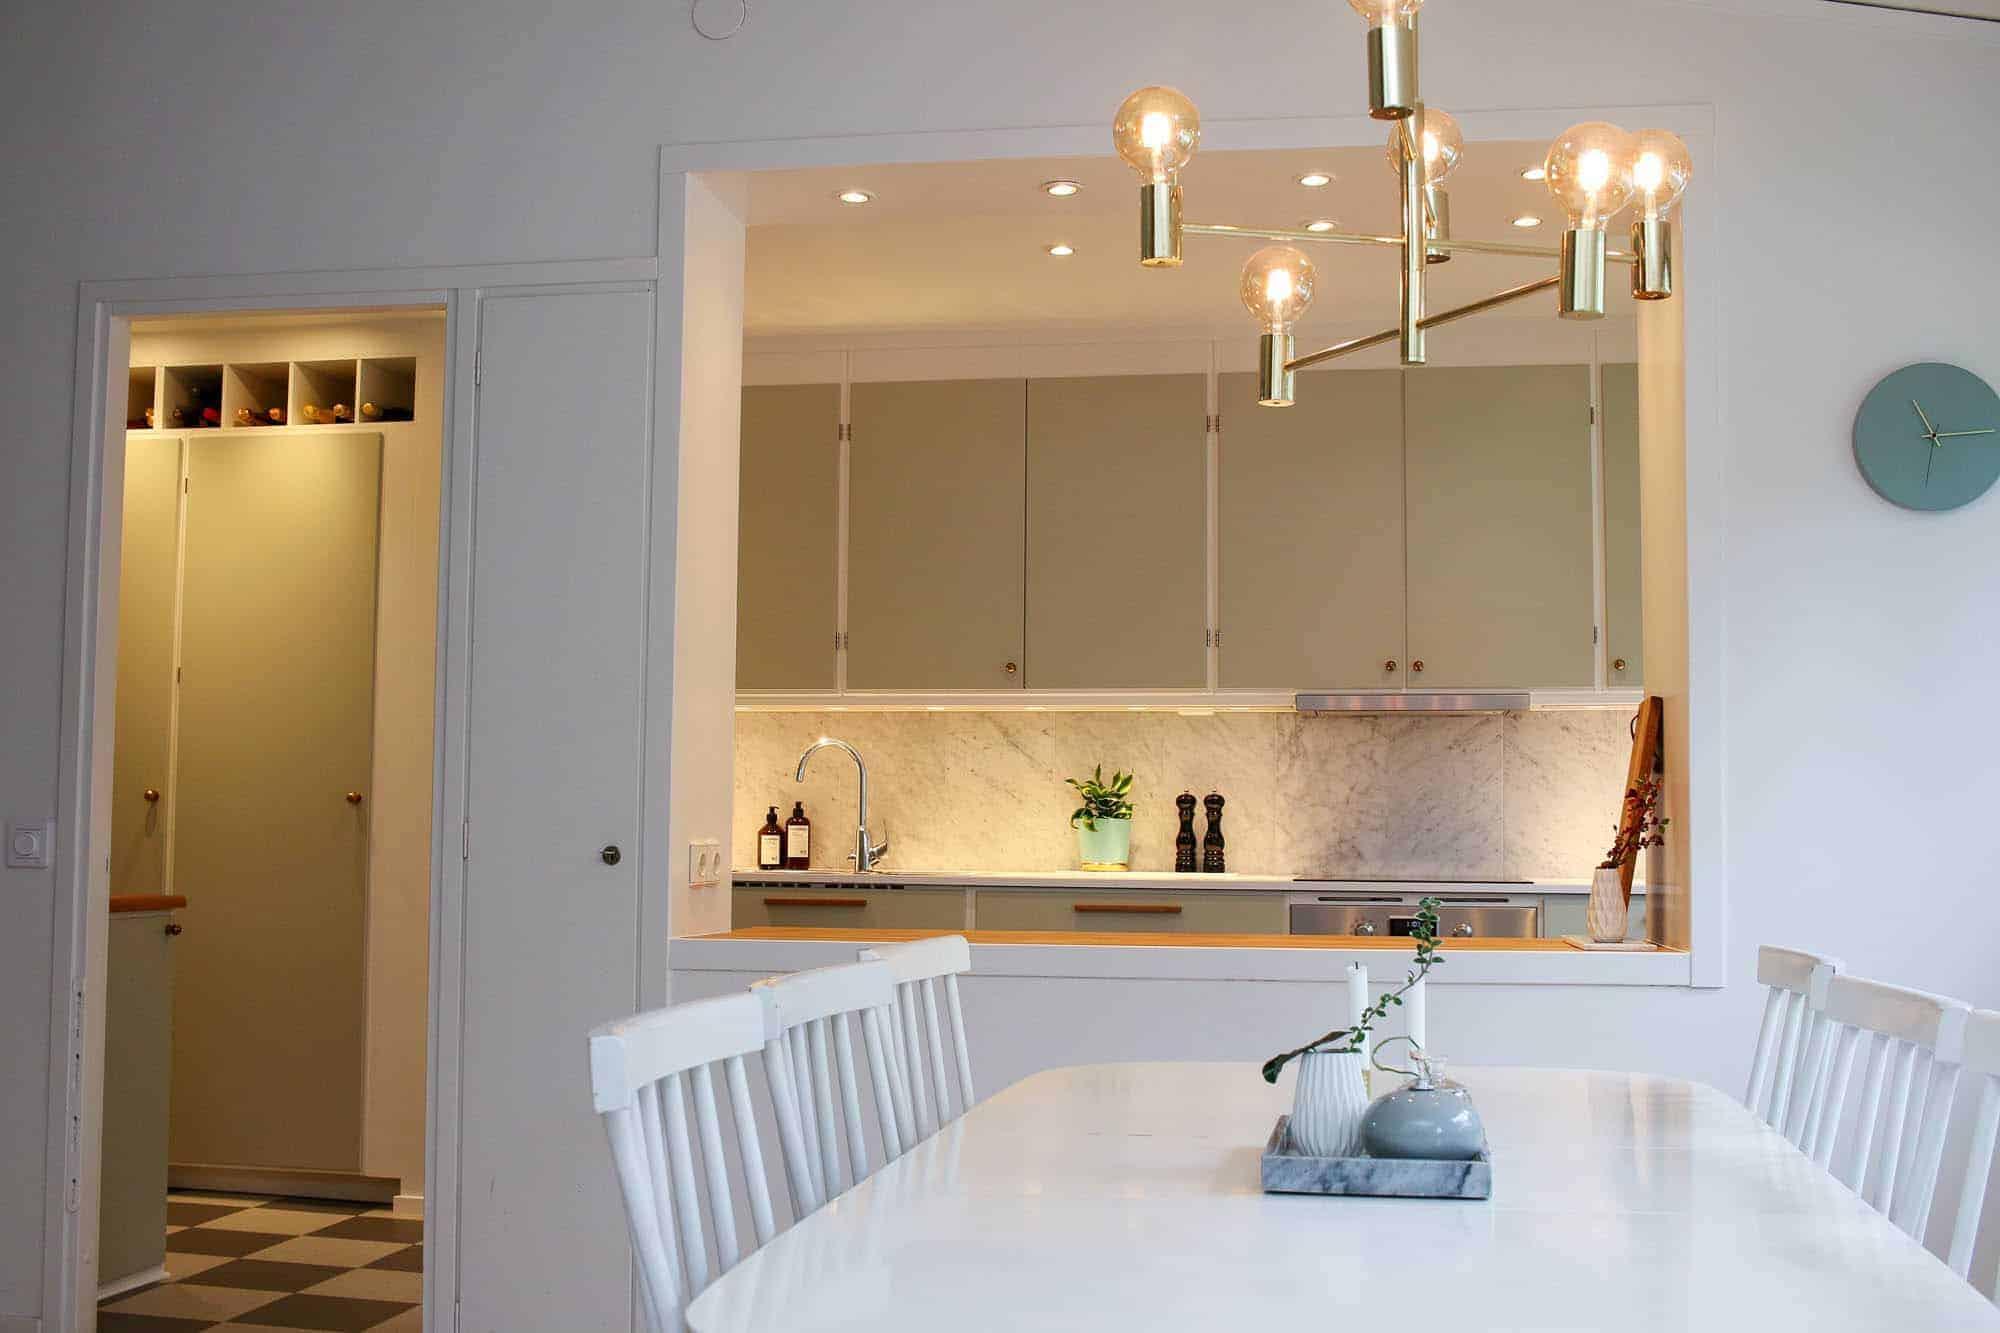 """Referensjobb """"Köksrenovering."""" utfört av BZ Home Design"""